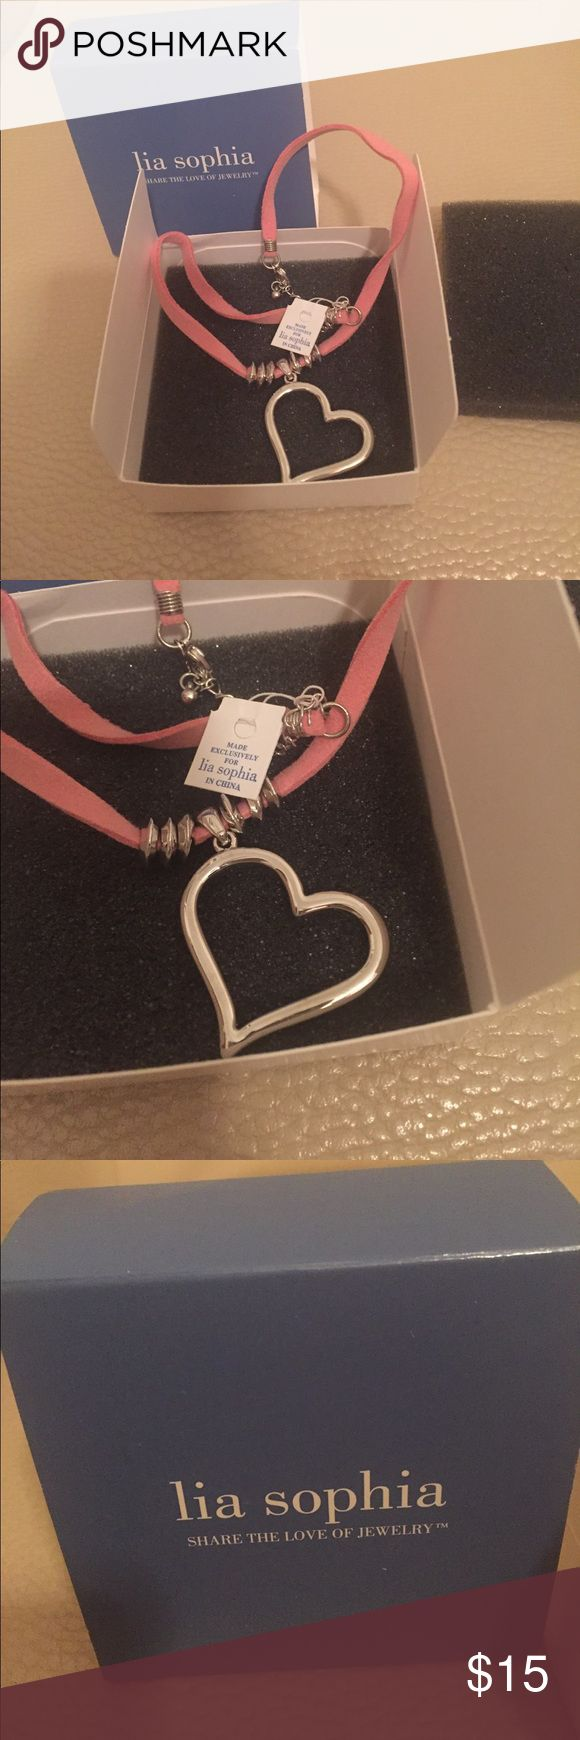 Lia Sophia Heart Necklace Brand new, never worn, tag still attached Lia Sophia silver heart necklace. Lia Sophia Jewelry Necklaces